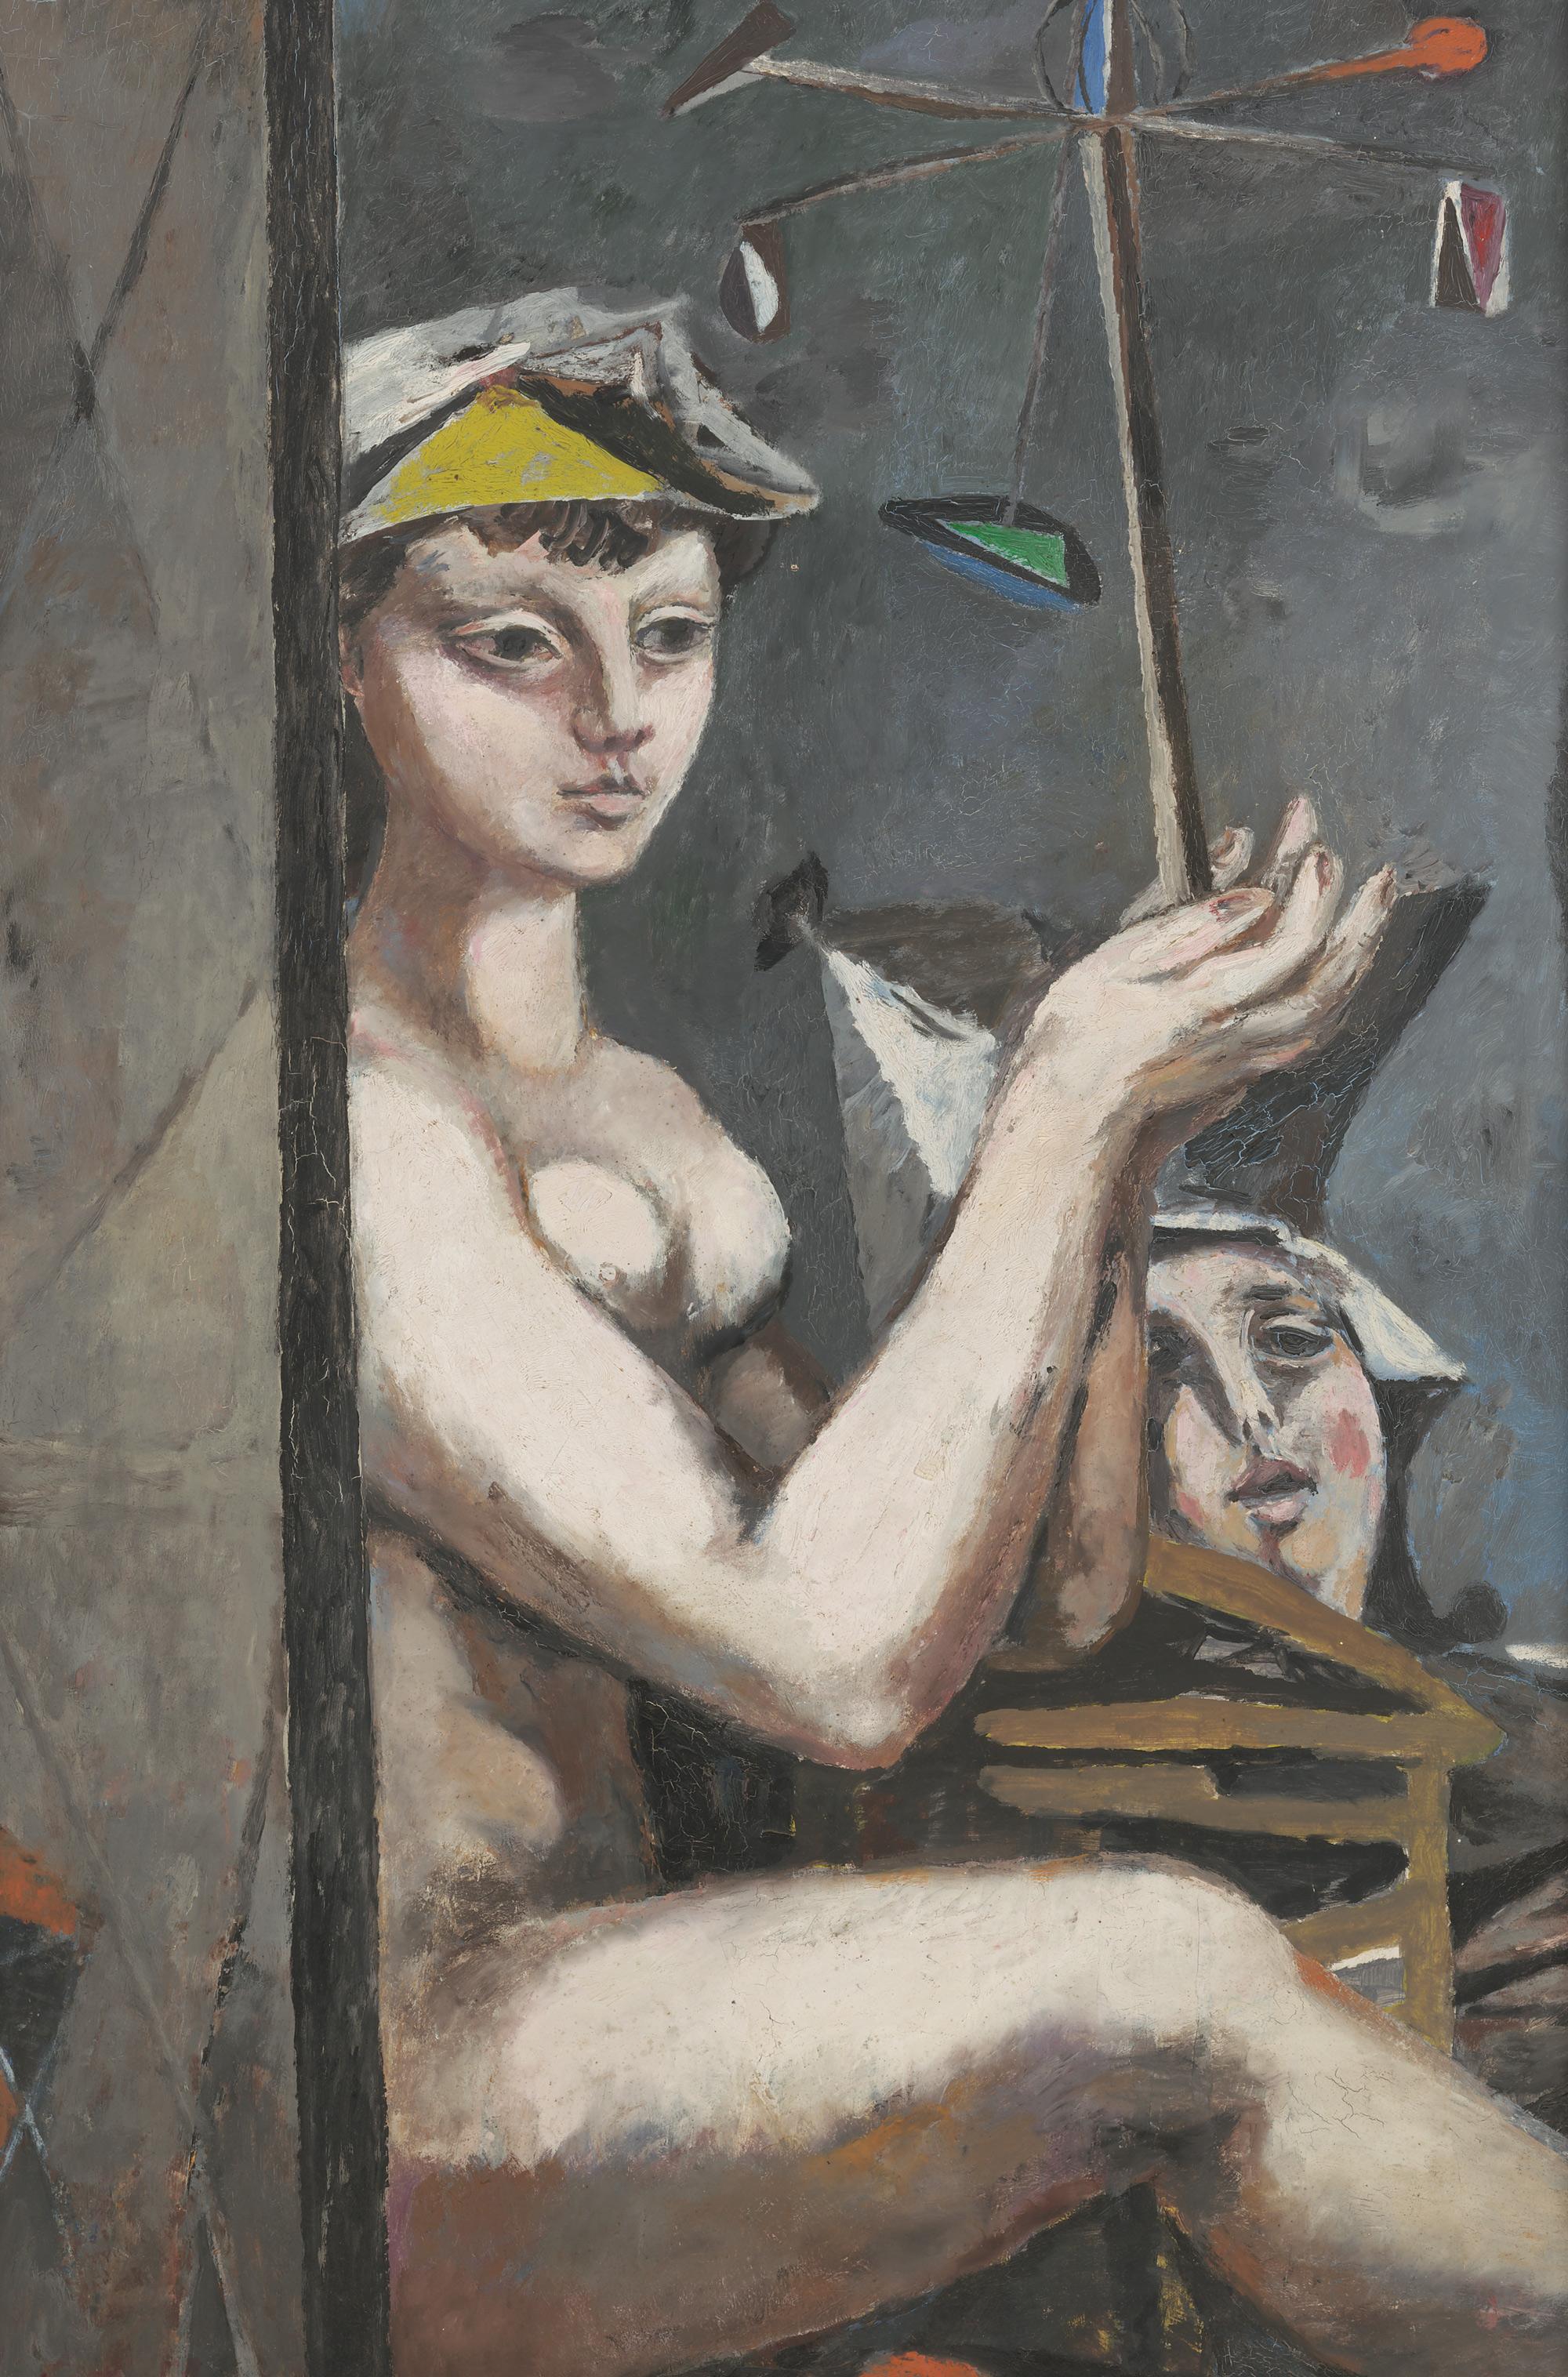 Willi Sitte Frau mit Windspiel 1951 Öl auf Hartfaser 100 x 63 cm        Willi-Sitte-Stiftung        © VG Bild-Kunst, Bonn 2018      Foto:  Galerie Schwind, Leipzig